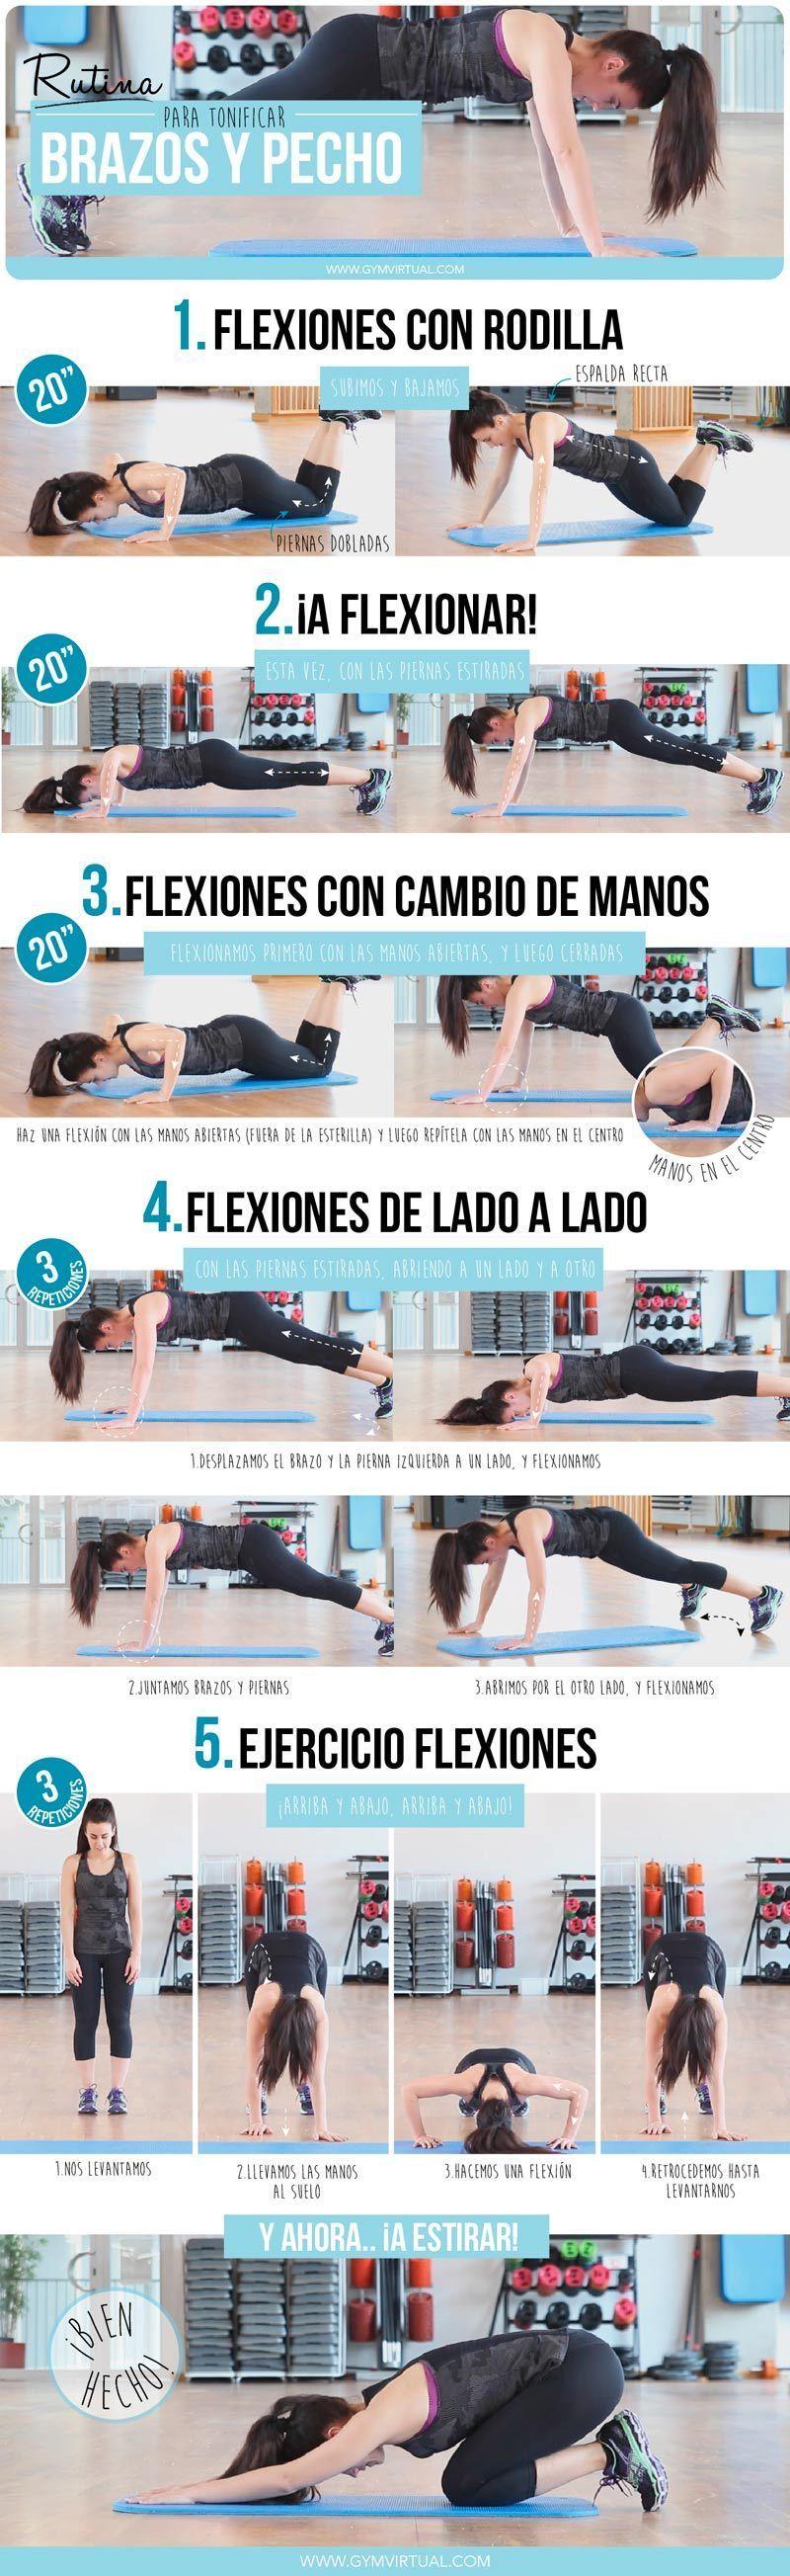 rutina de ejercicios para tonificar brazos y pecho